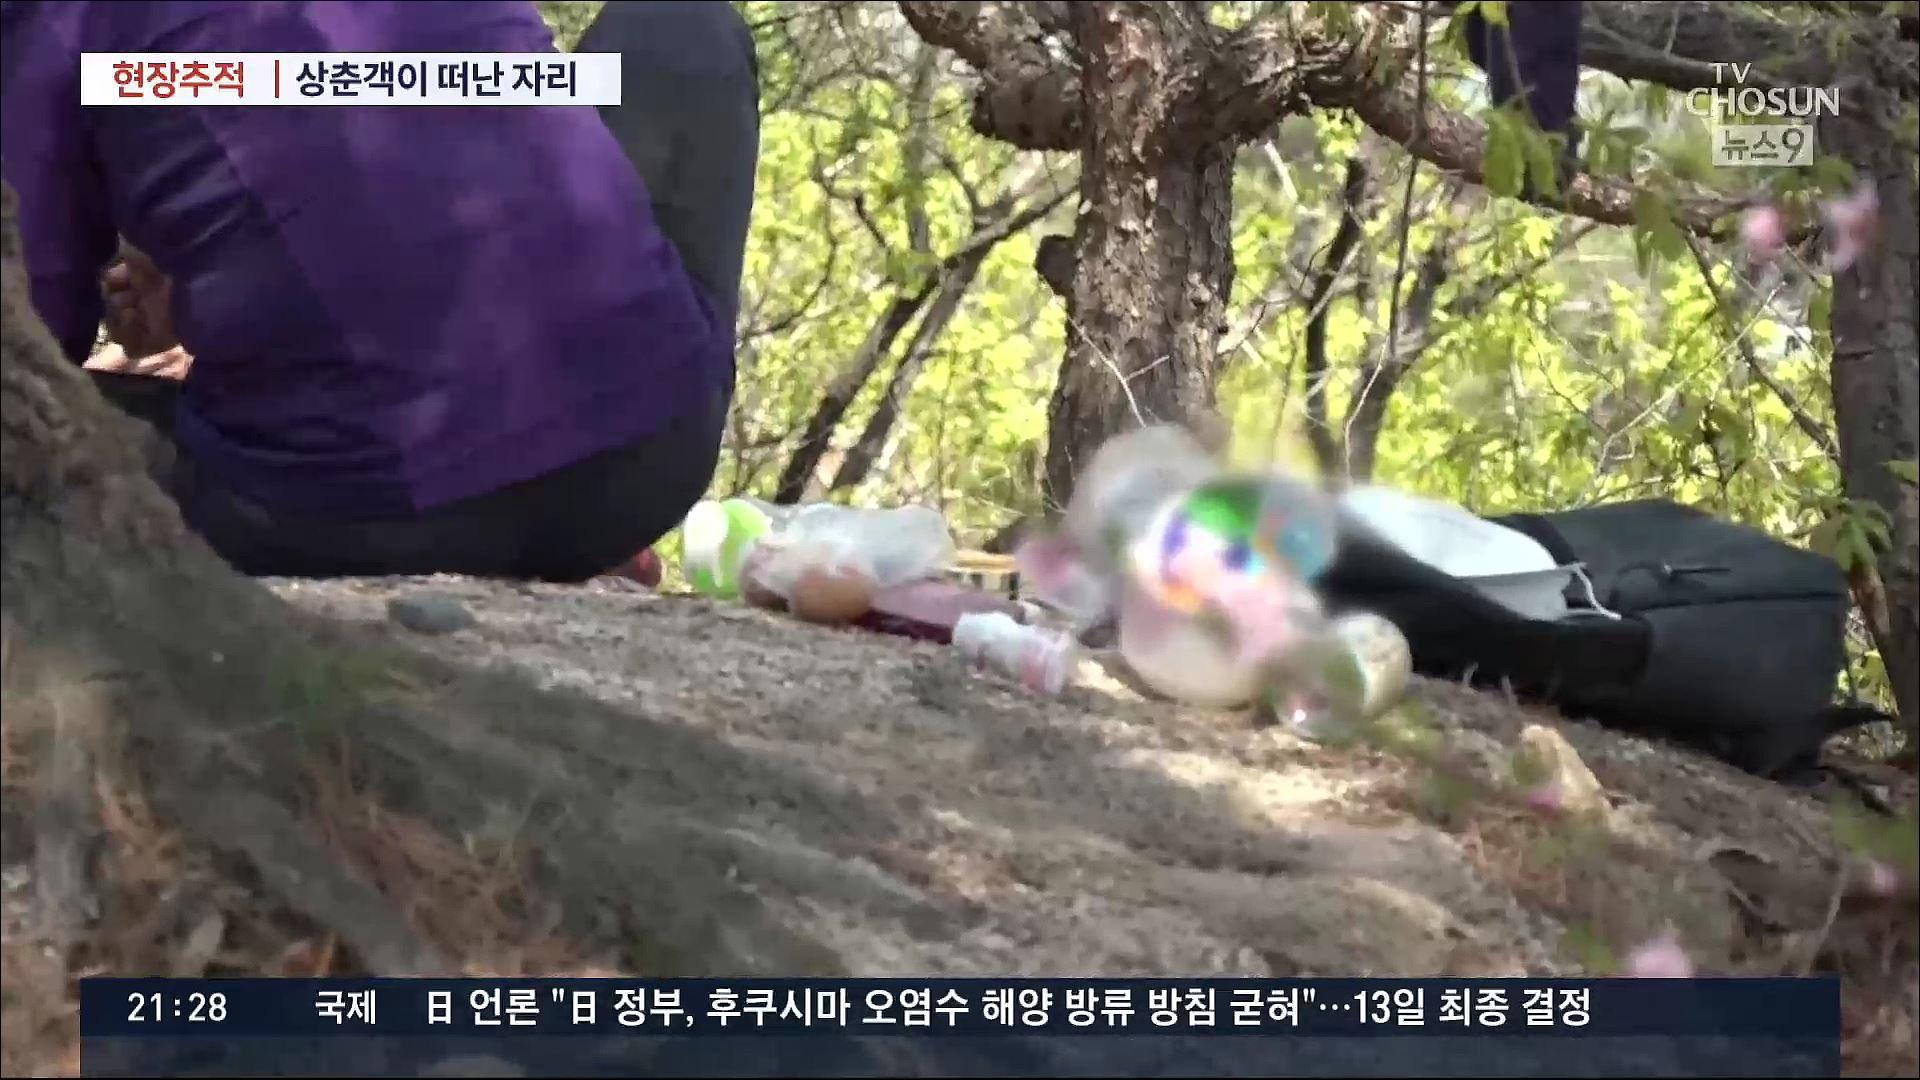 [현장추적] 코로나에 산으로 몰린 상춘객…곳곳 쓰레기 몸살